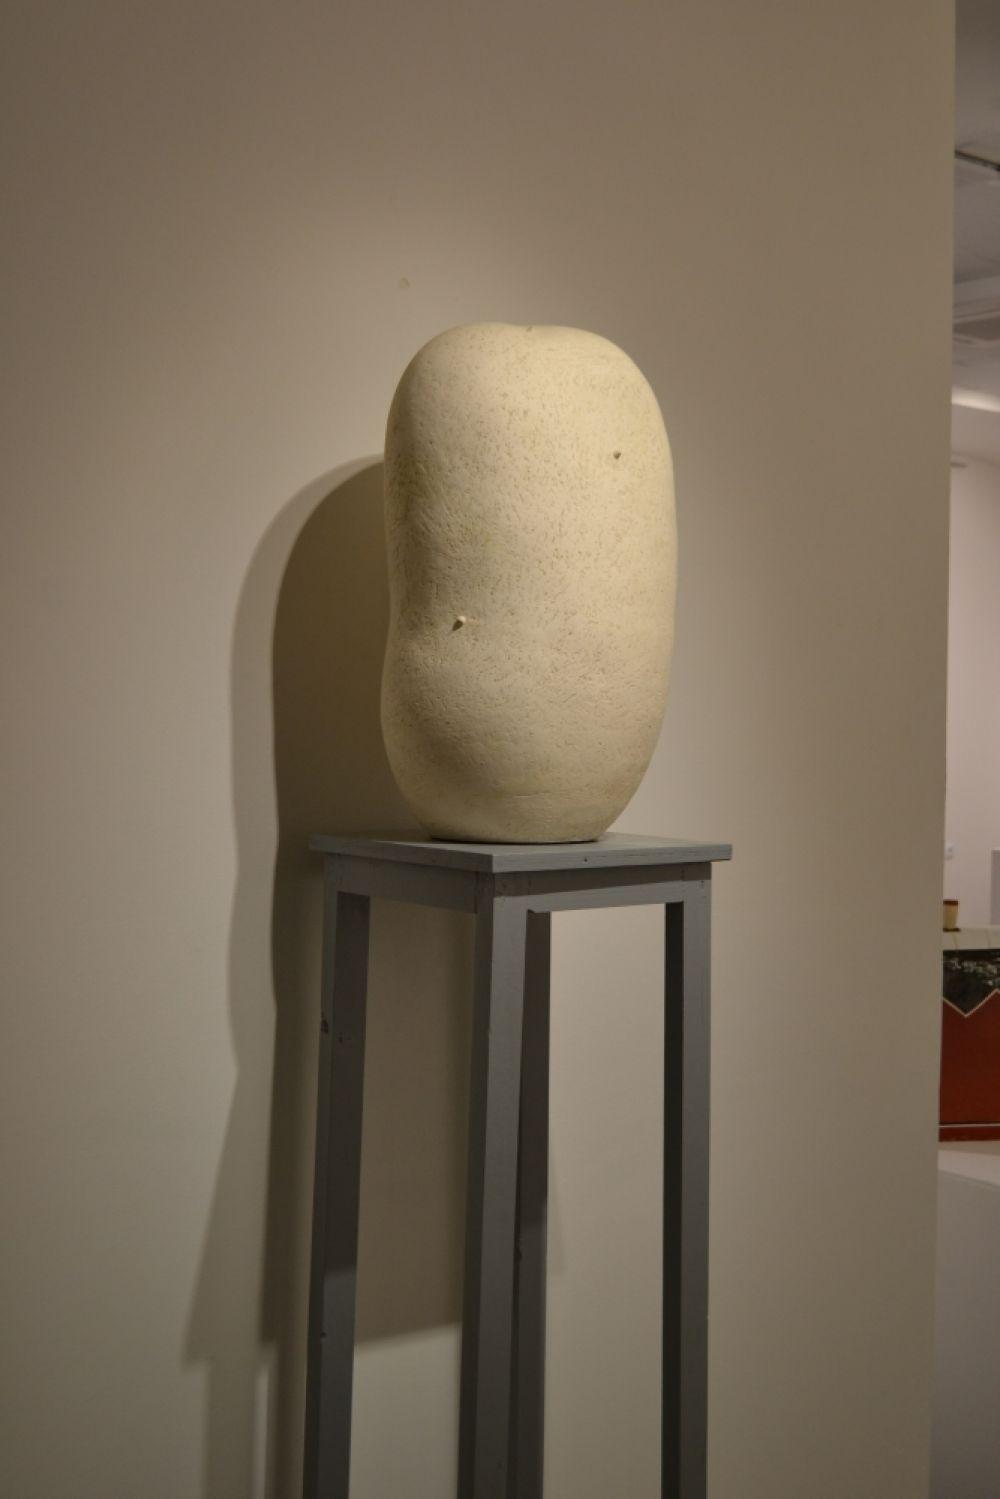 Картошка у Шабаевых это ещё и символ жертвенности материнства.